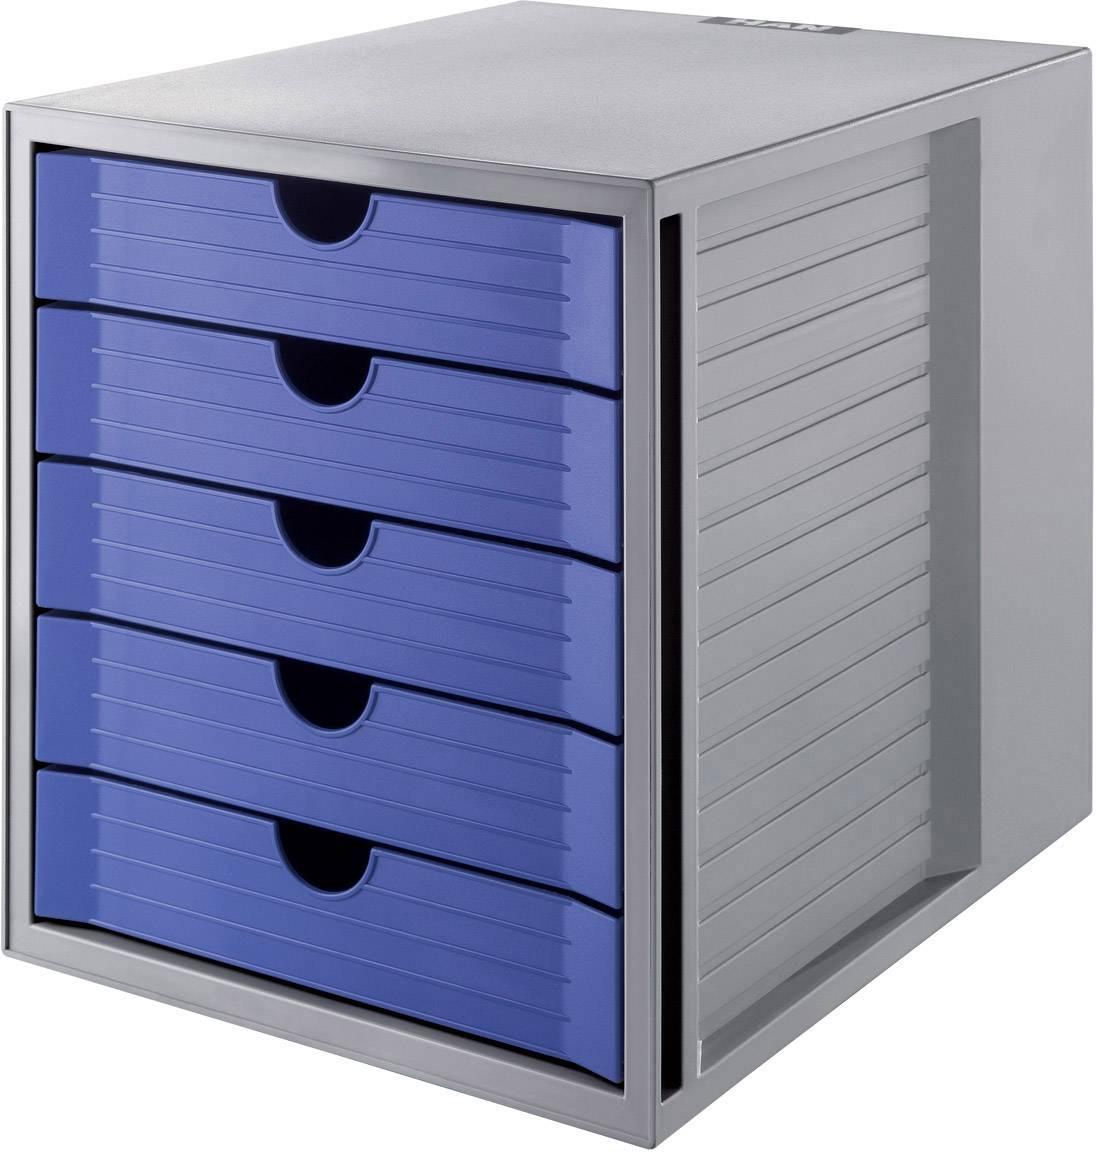 HAN Cassettiera SYSTEMBOX KARMA 14508-16 Grigio DIN A4, DIN C4 Numero cassetti: 5